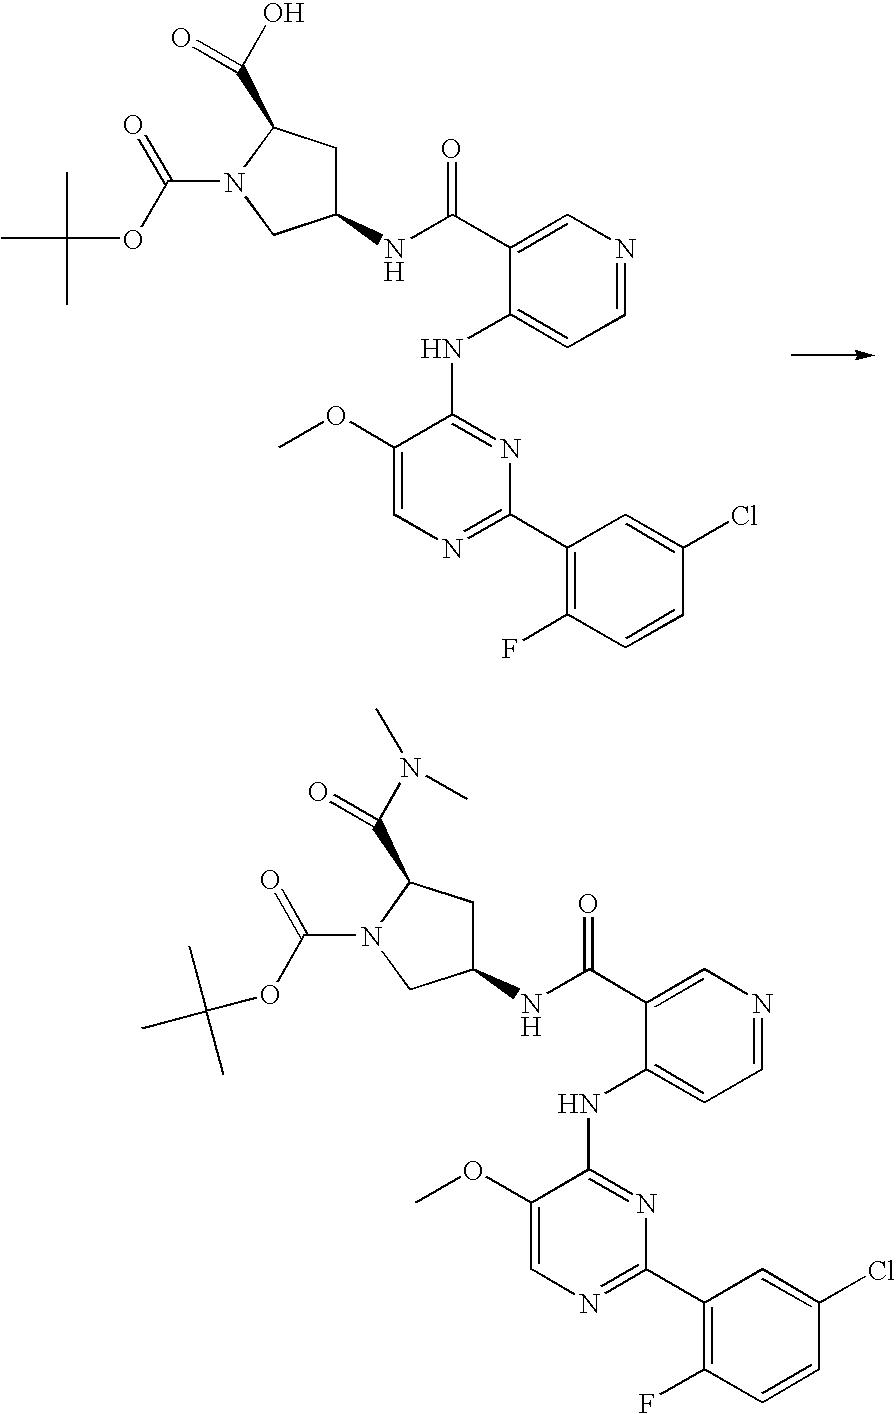 Figure US20060281763A1-20061214-C00049